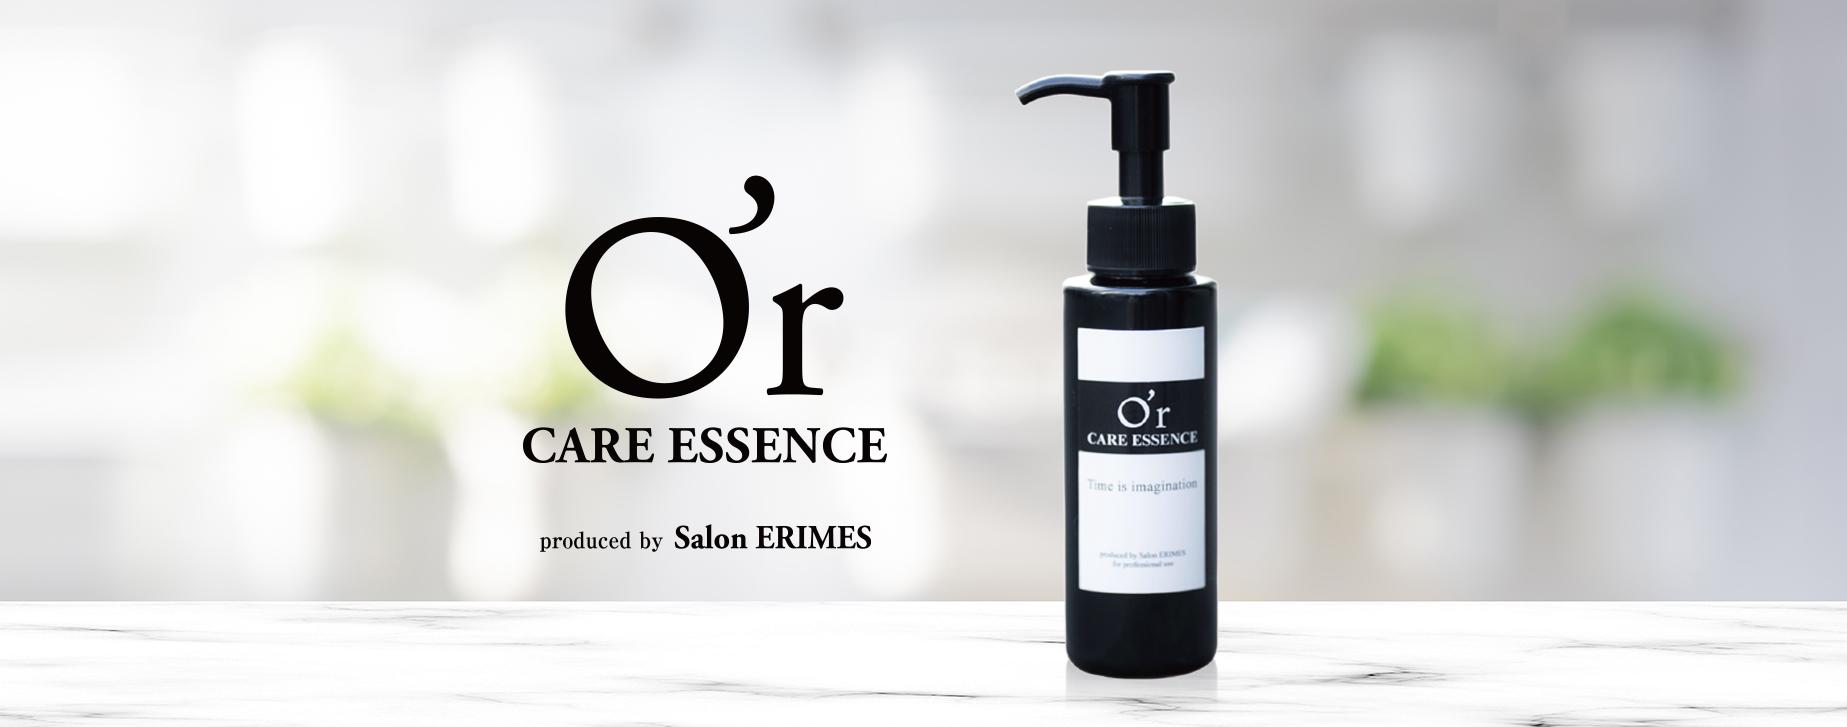 Salon ERIMES GINZA ブライダルエステ ・メンズエステ ・自社化粧品ブランド「O'r オーラ」の販売